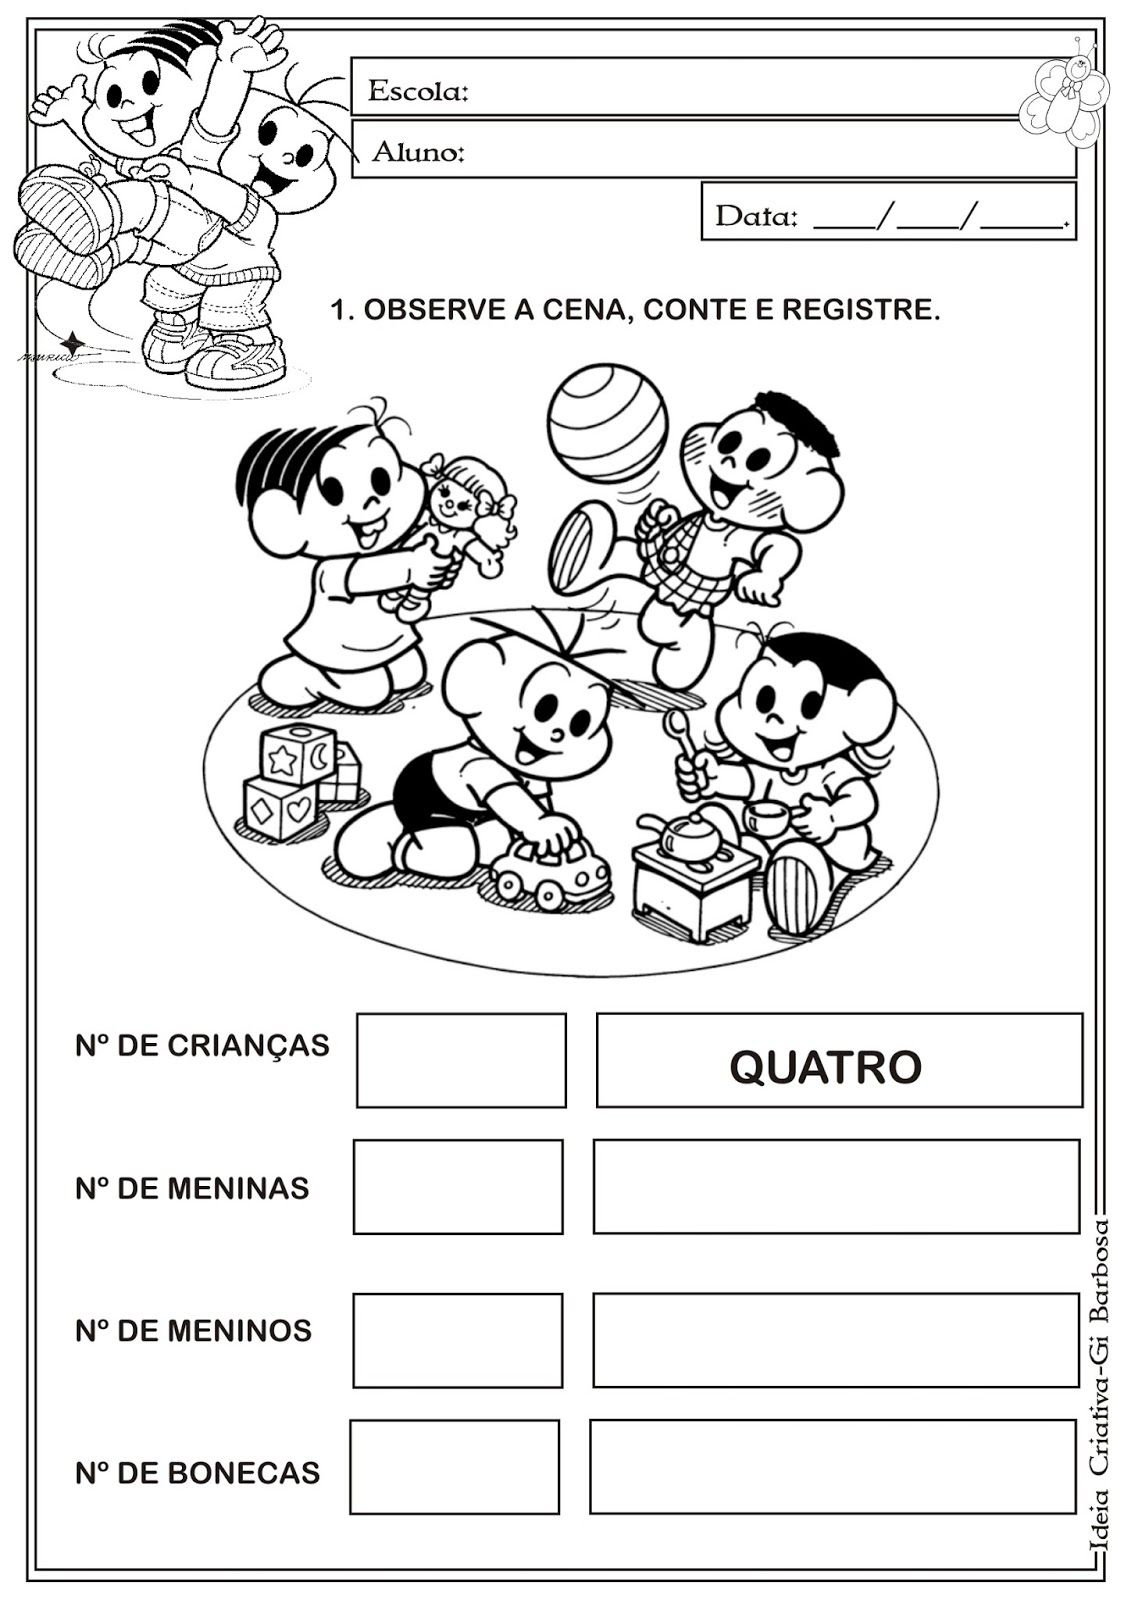 Atividade Matematica Educacao Infantil Turma Da Monica Educacao